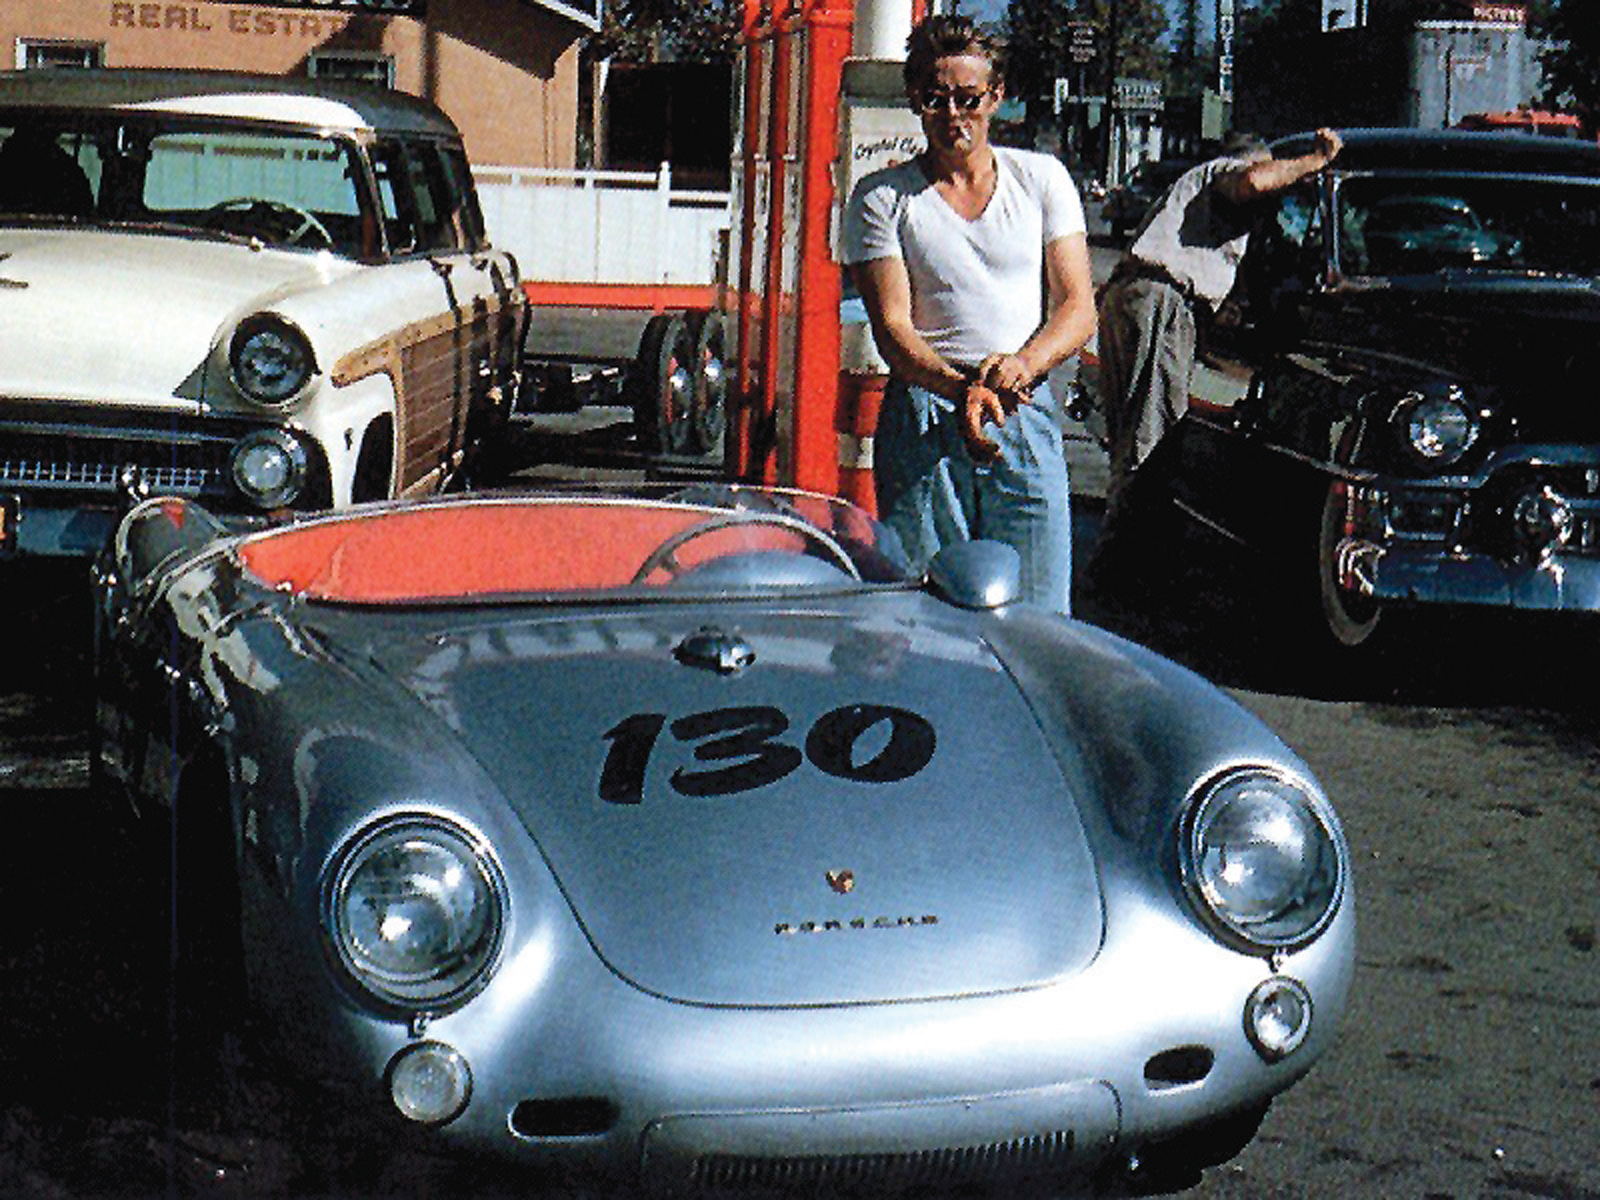 http://2.bp.blogspot.com/-S4NovPWSs_Q/TvTlwXKGviI/AAAAAAAADy0/_xudSVzlv1g/s1600/Porsche-1.jpg